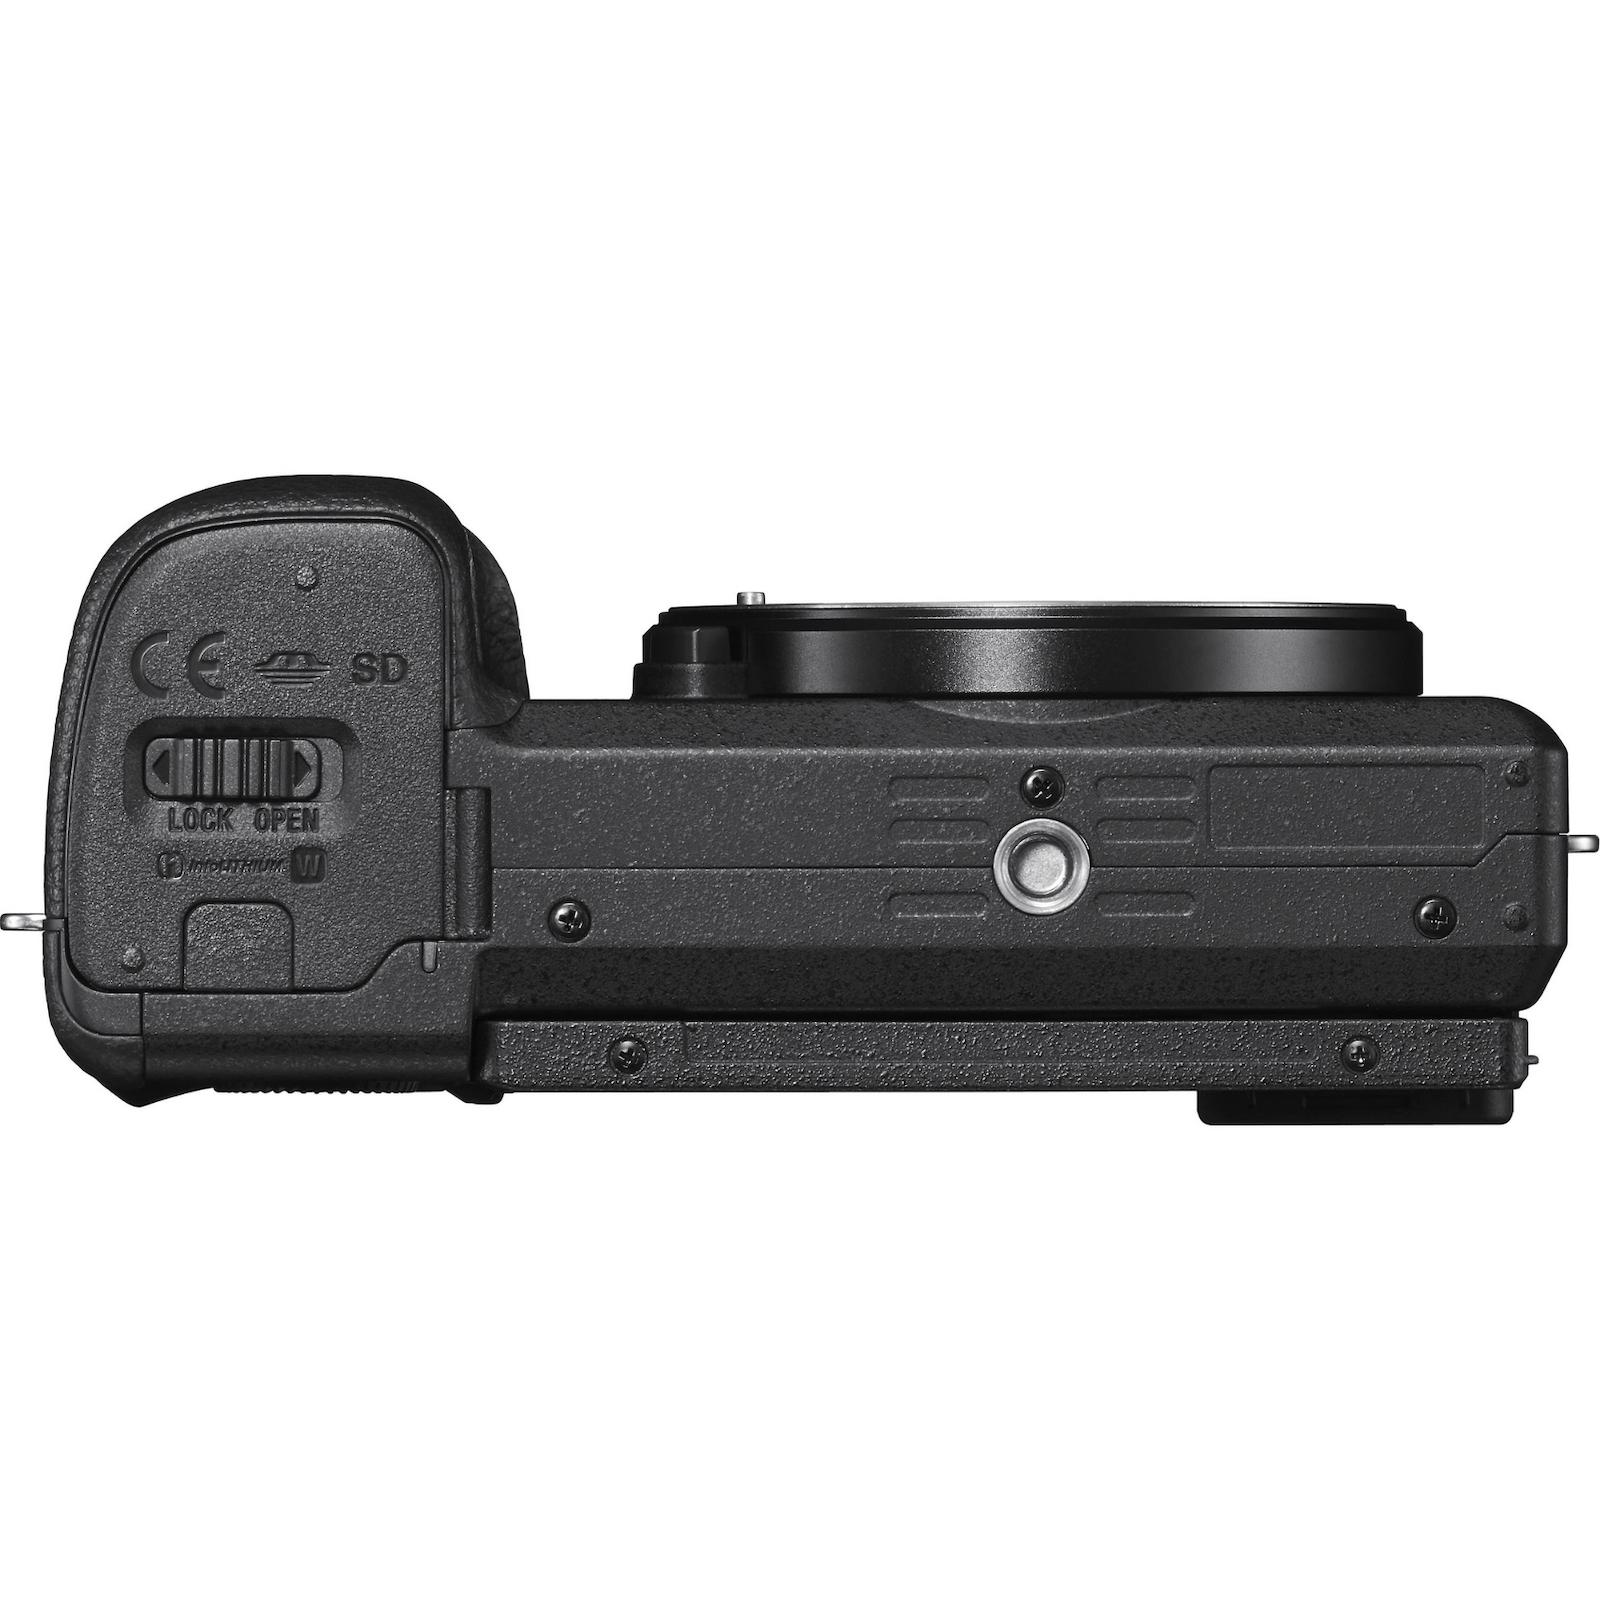 SONY ソニー ミラーレス一眼カメラ α6300 ボディ ブラック ILCE-6300 新品